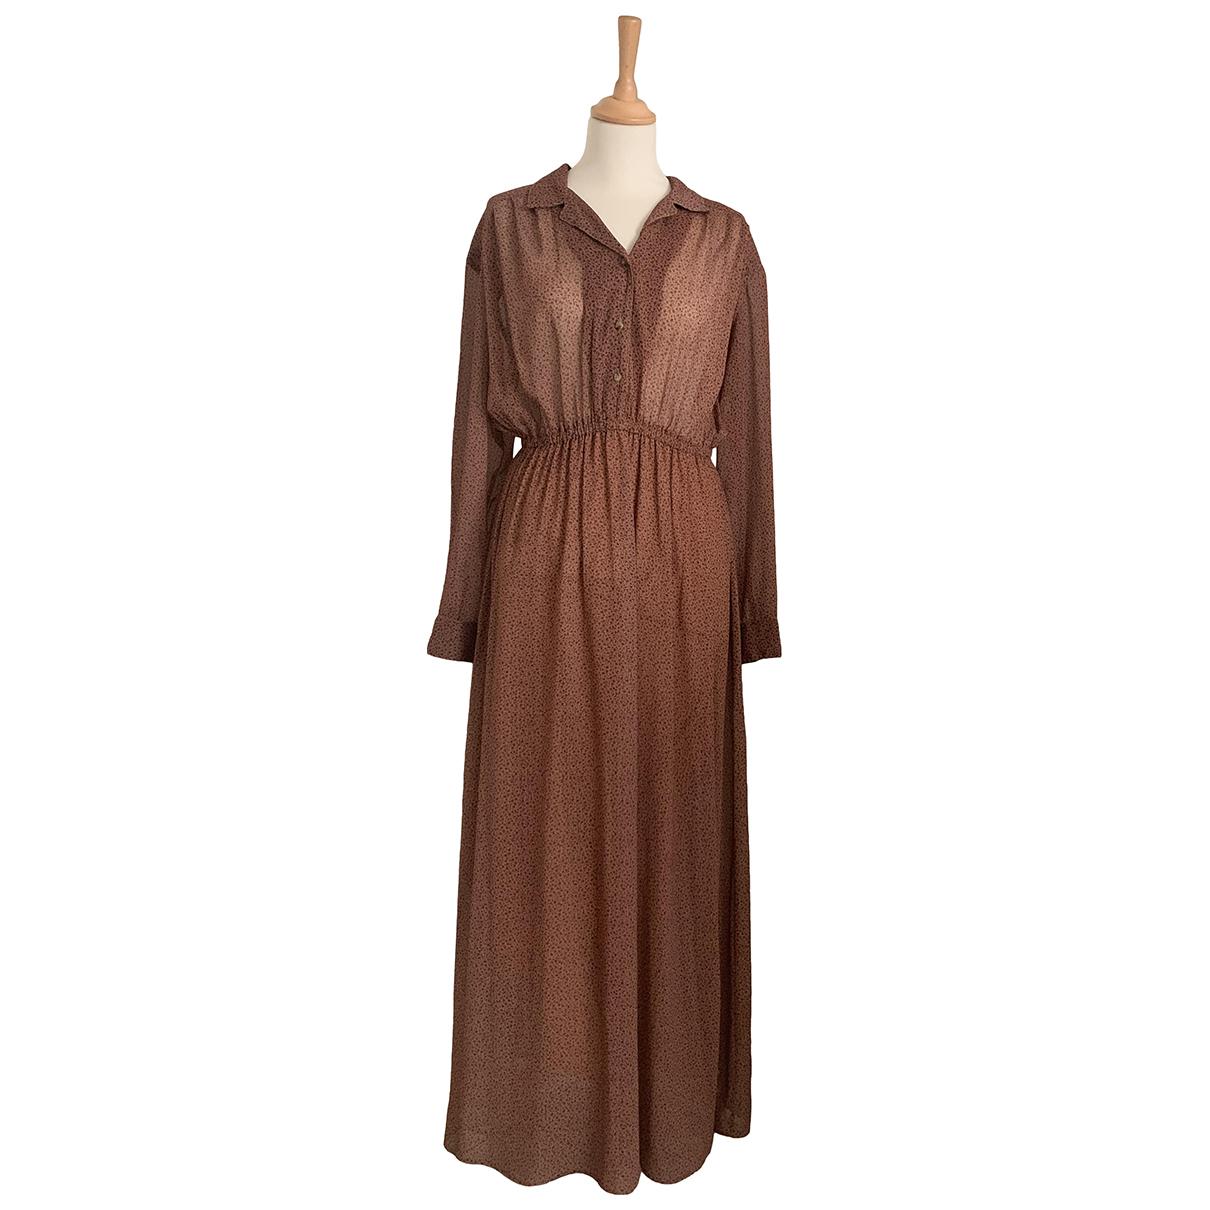 American Vintage \N Kleid in  Kamel Polyester